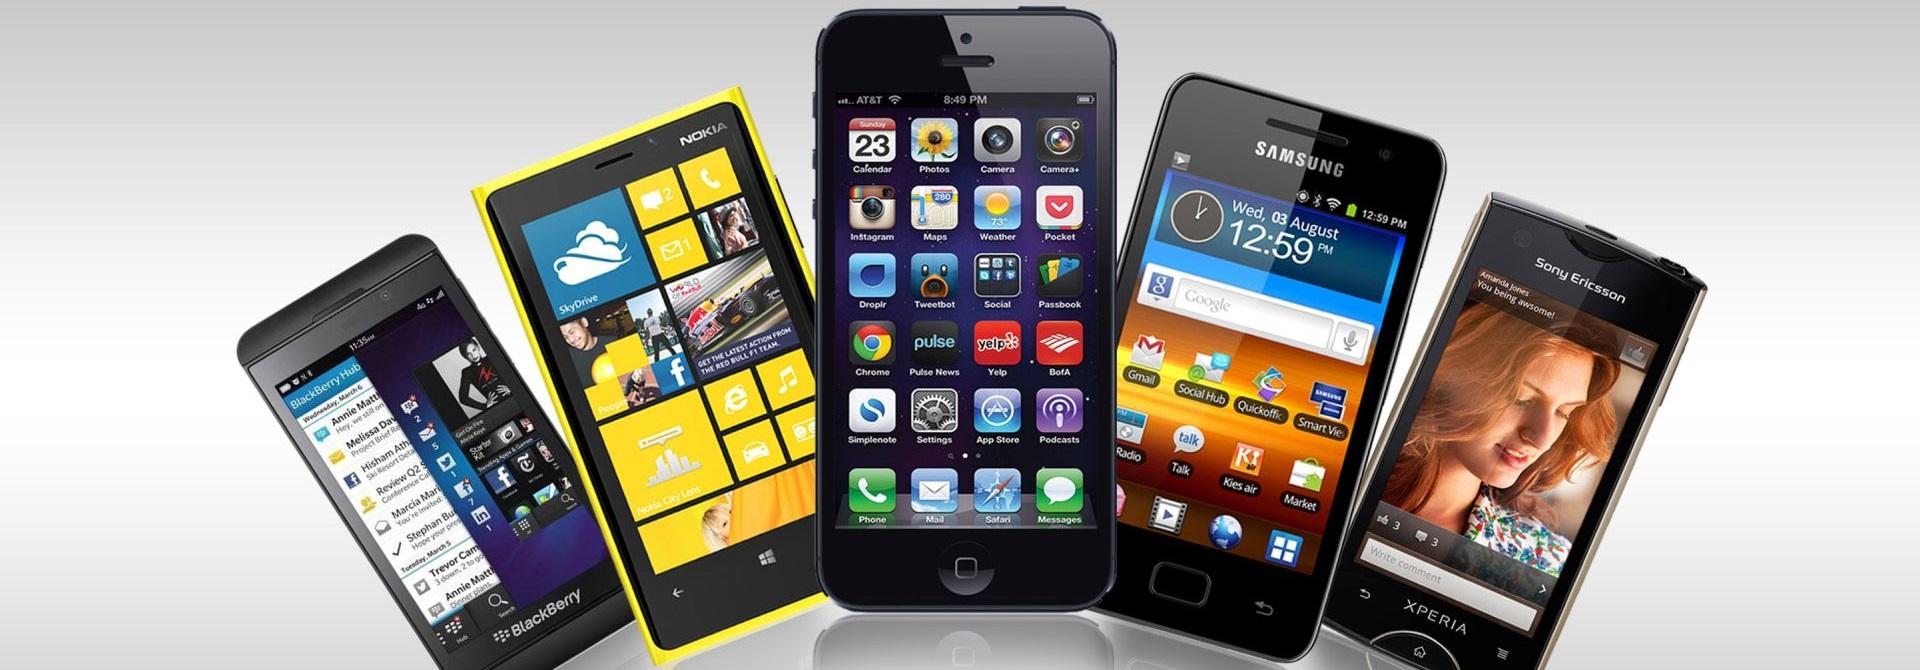 smartphones-slider1